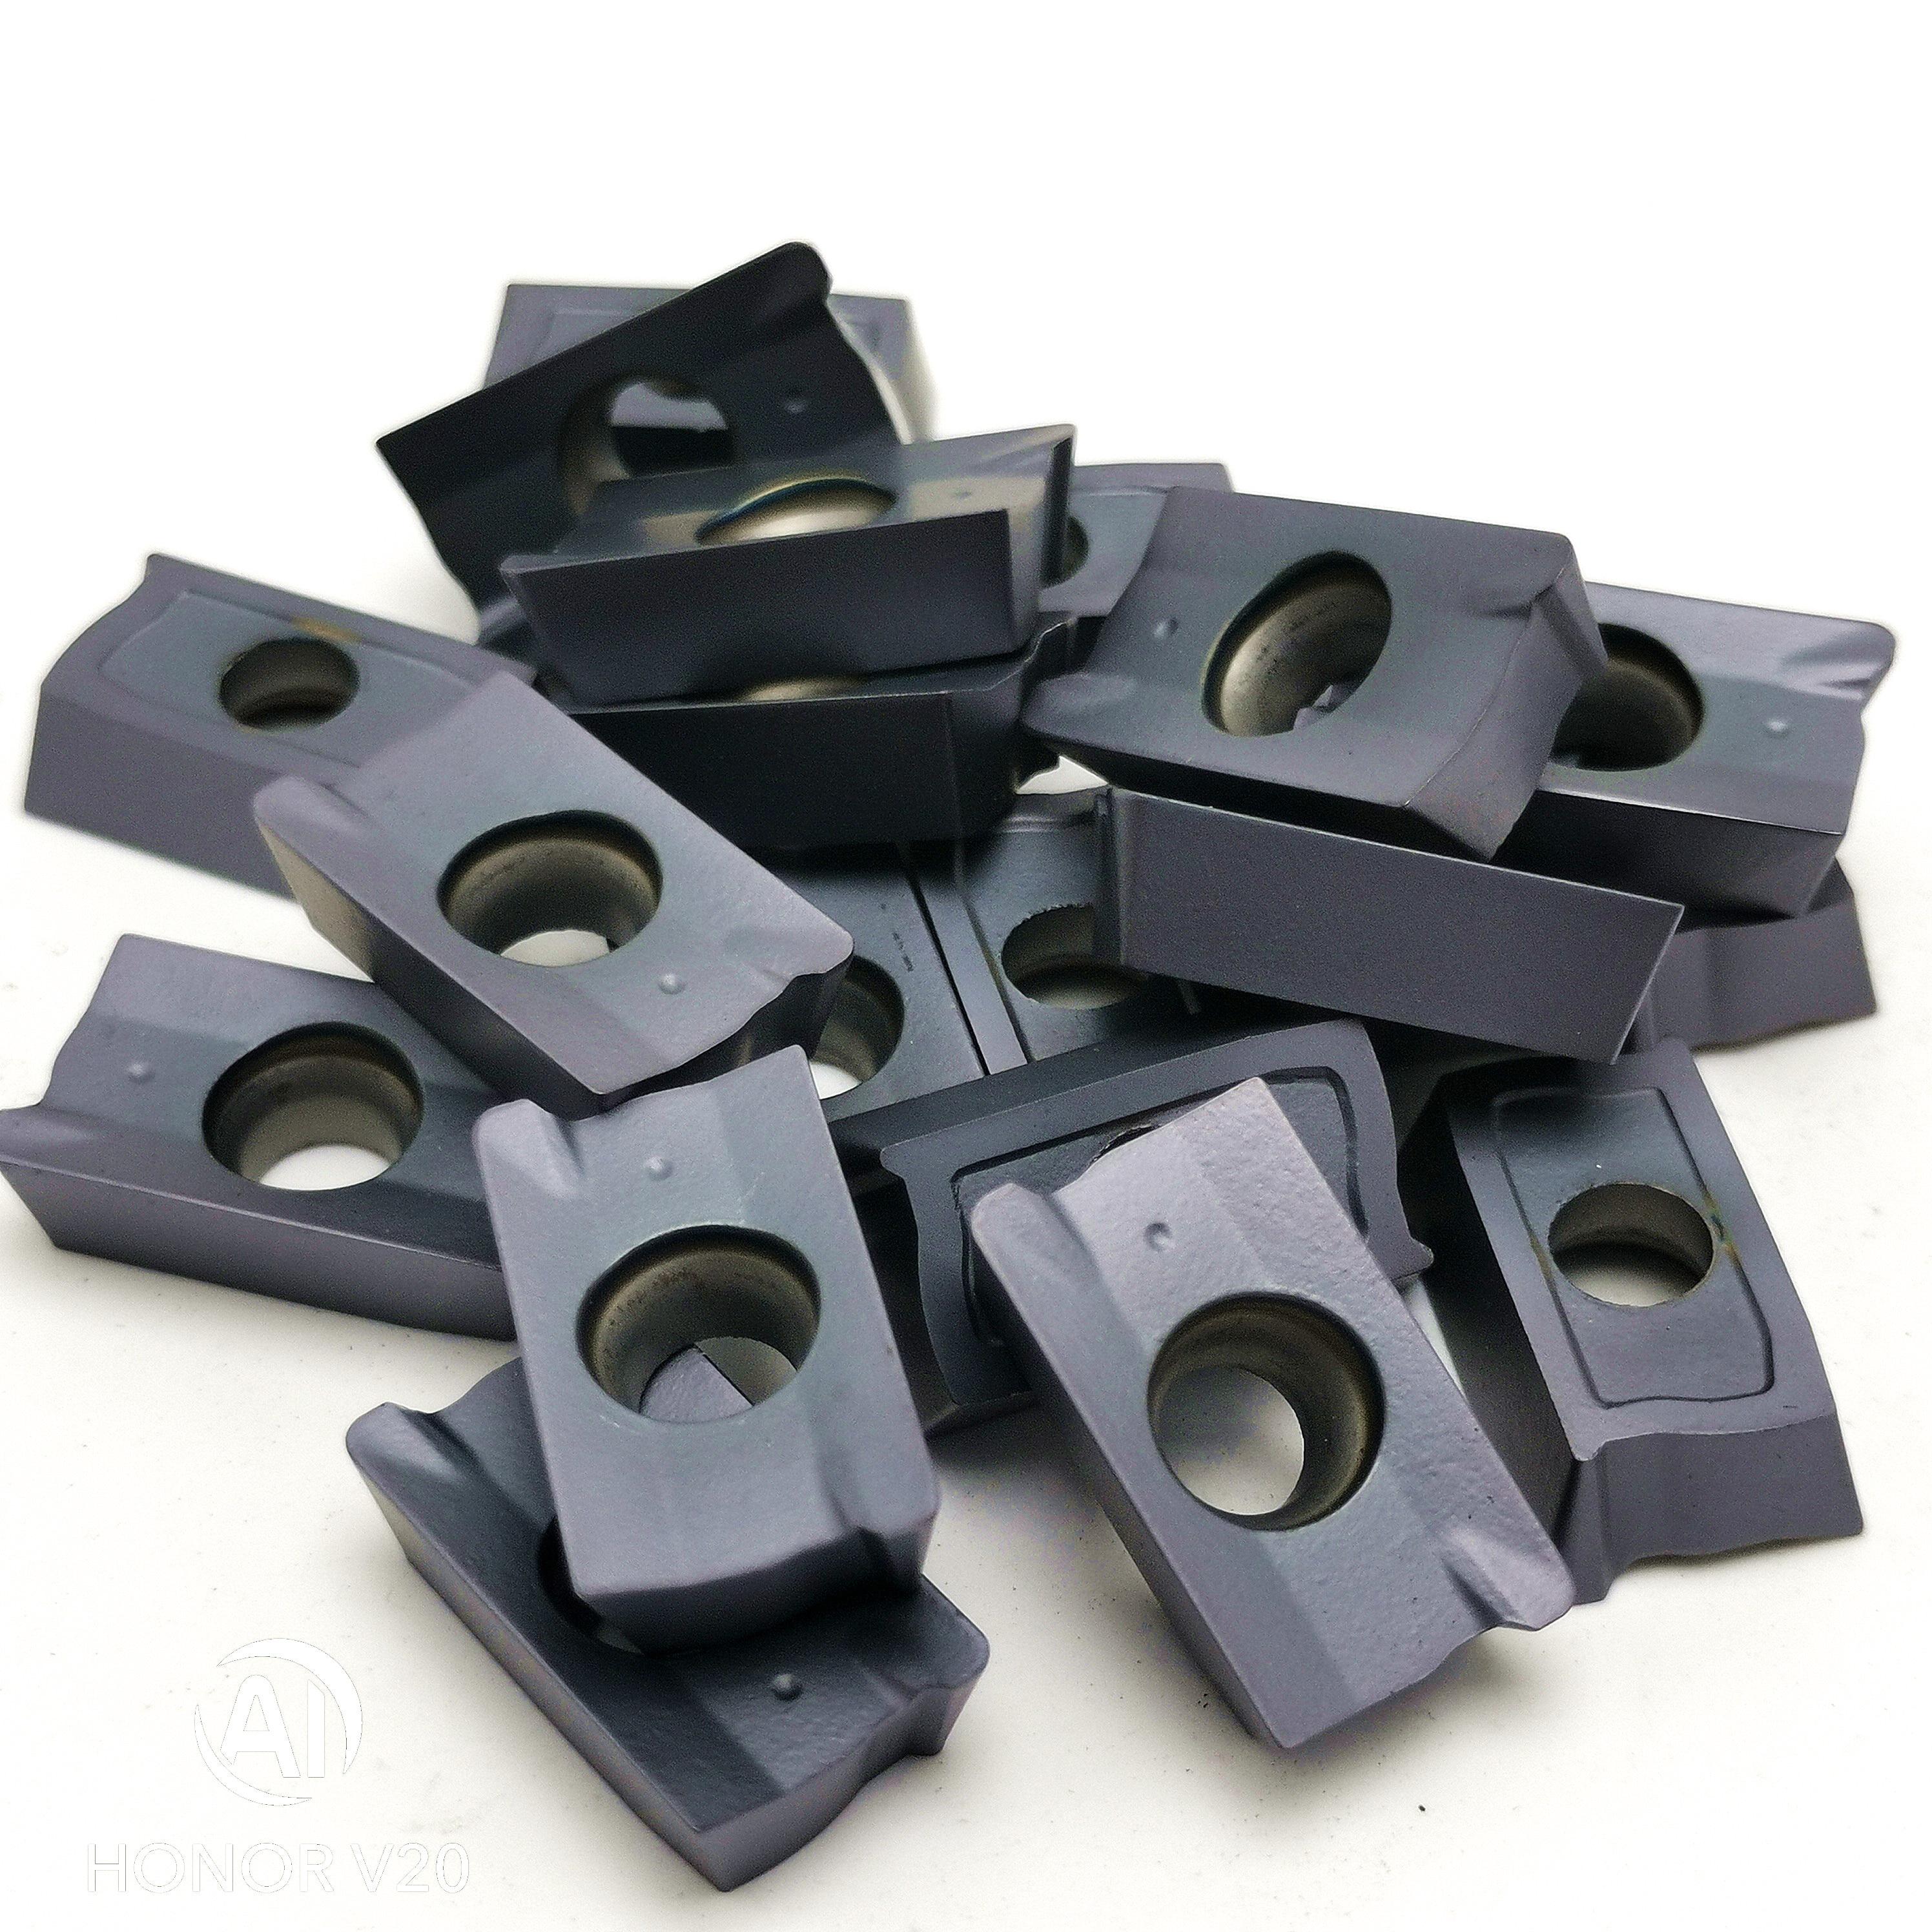 Купить с кэшбэком 20PCS APKT1604PDTR LT30 Milling cutter Tools APKT1003PDTR LT30 CNC blade carbide insert lathe tool free shipping